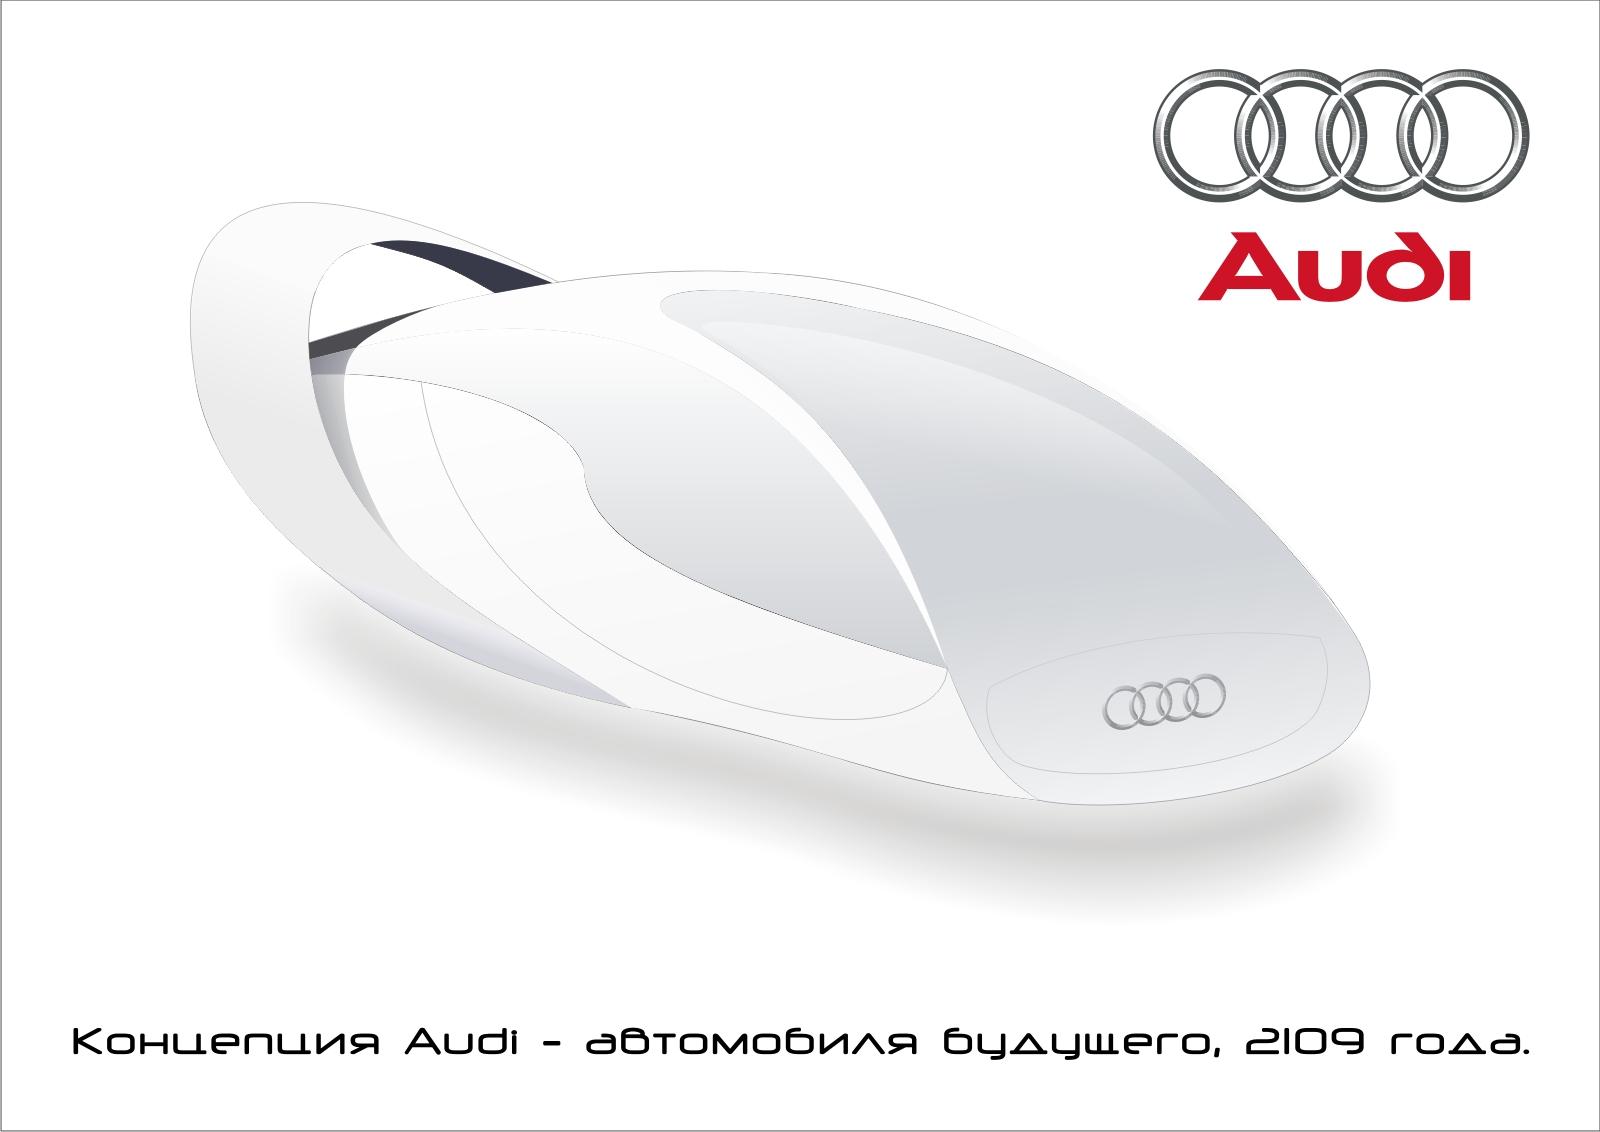 Концепция Audi - автомобиля будущего, 2109 года.